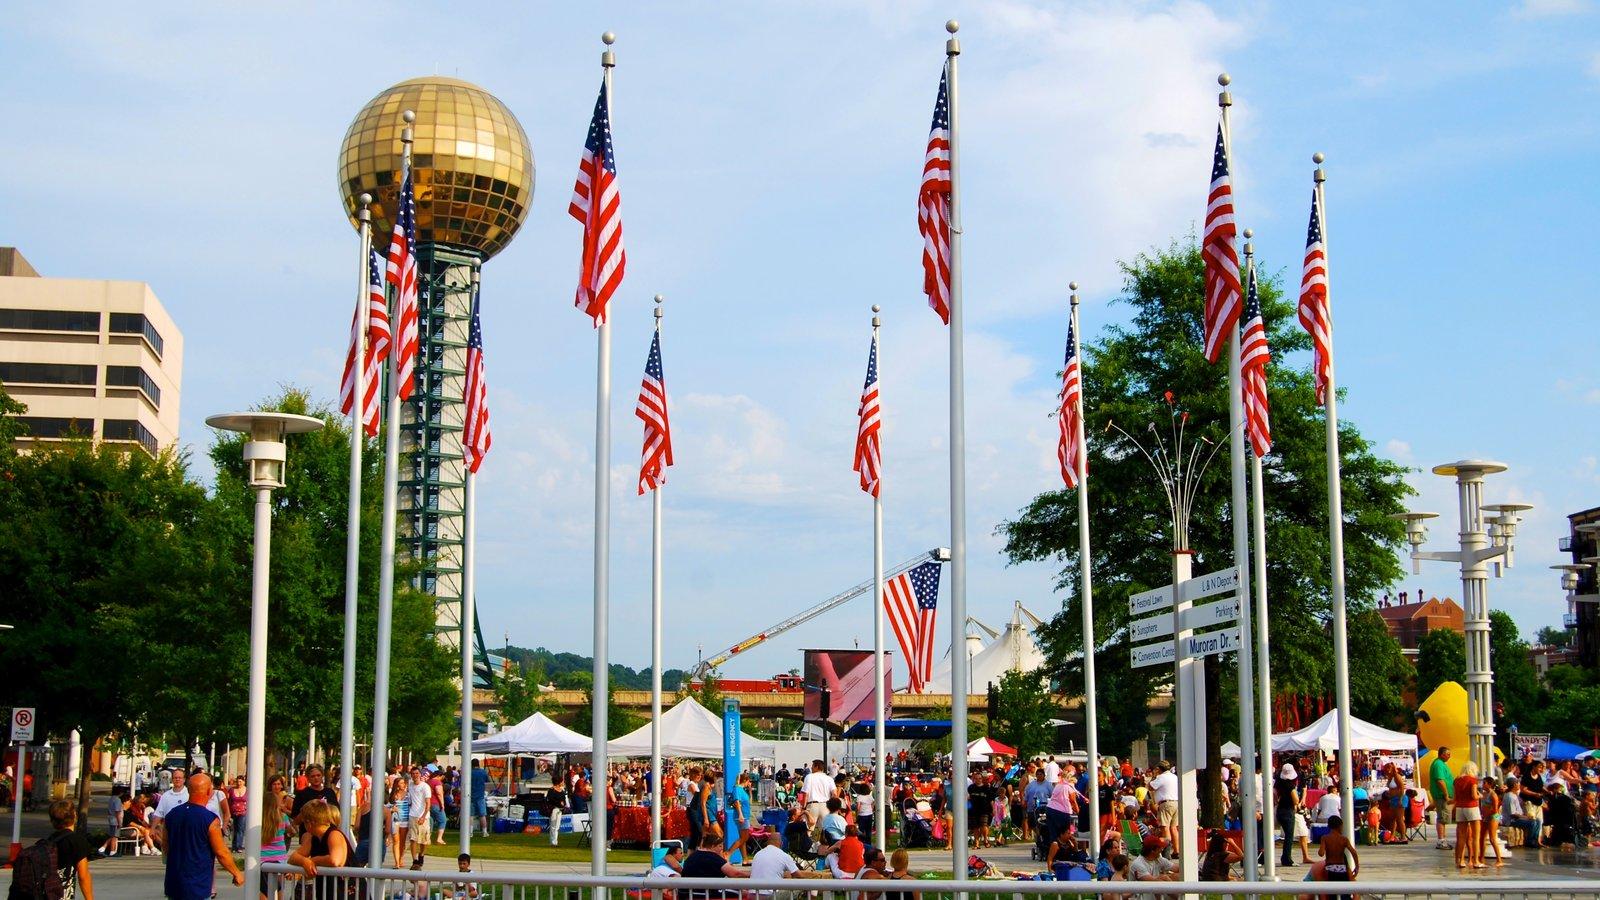 Knoxville mostrando arquitetura moderna, um festival e uma praça ou plaza